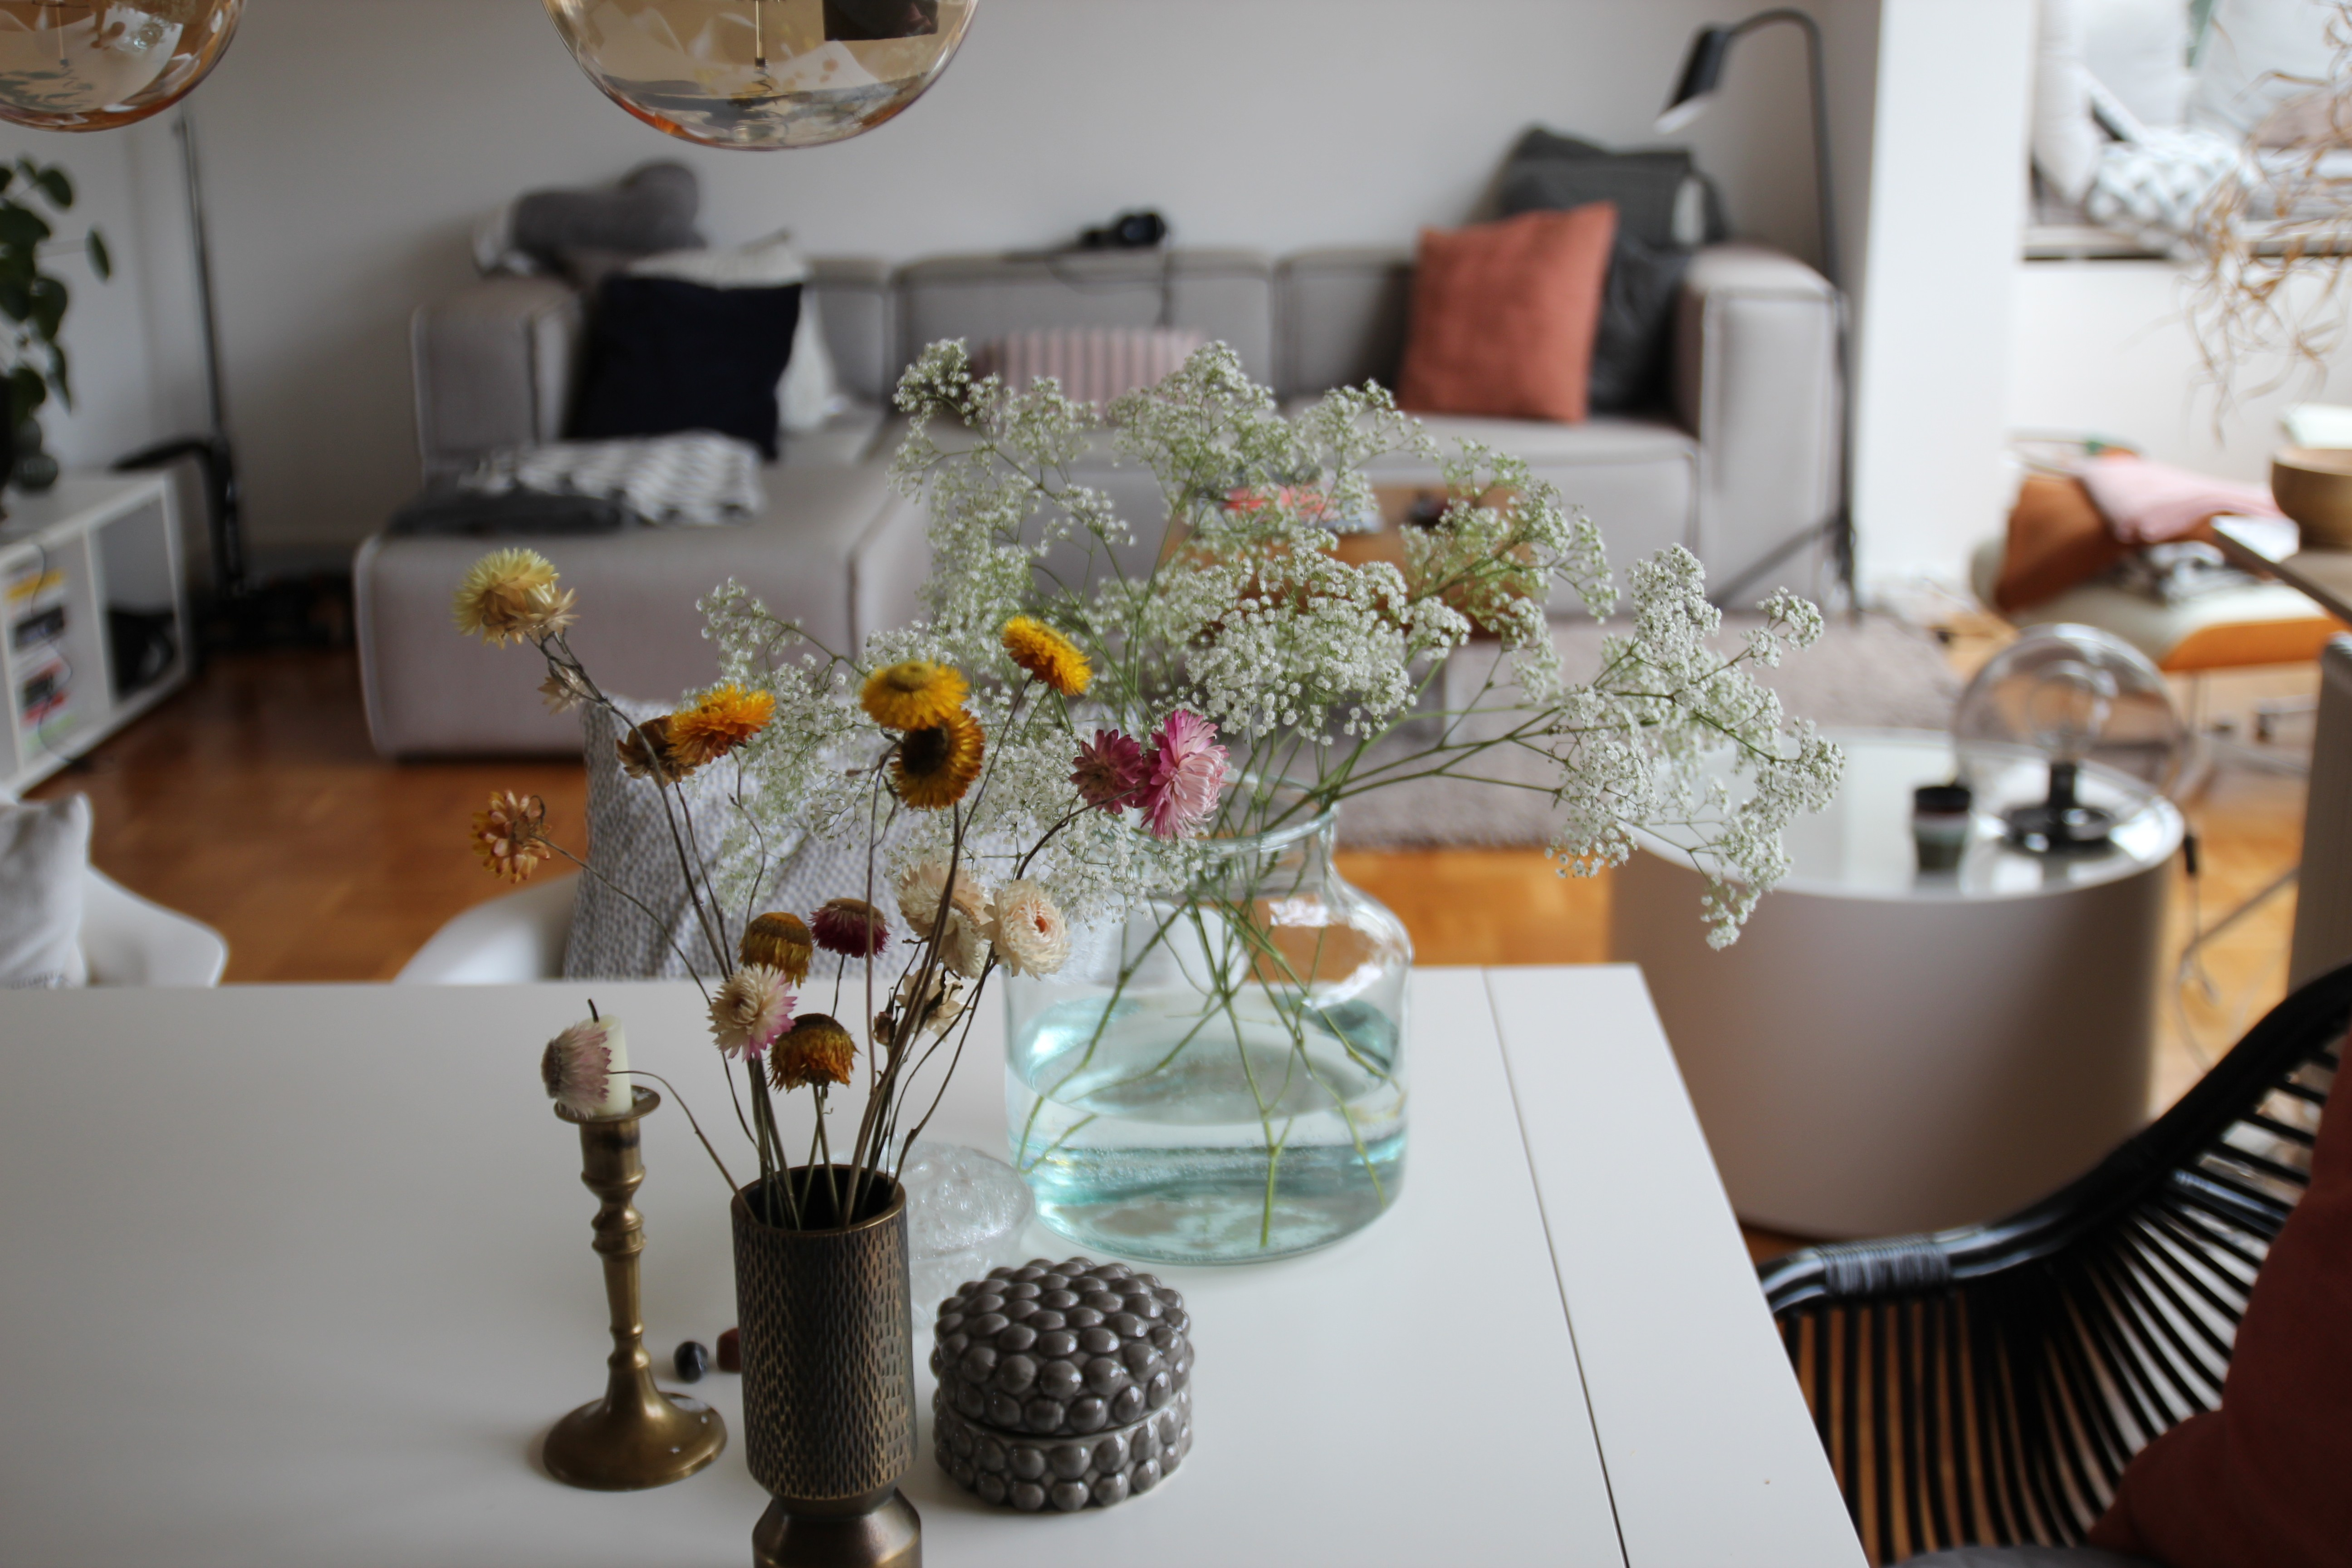 Wohnen, Pflanze, Naturholz, Bunt, Schwarz, Weiß, Glas, Dekoration, Tisch, Stuhl, Schrank, Licht